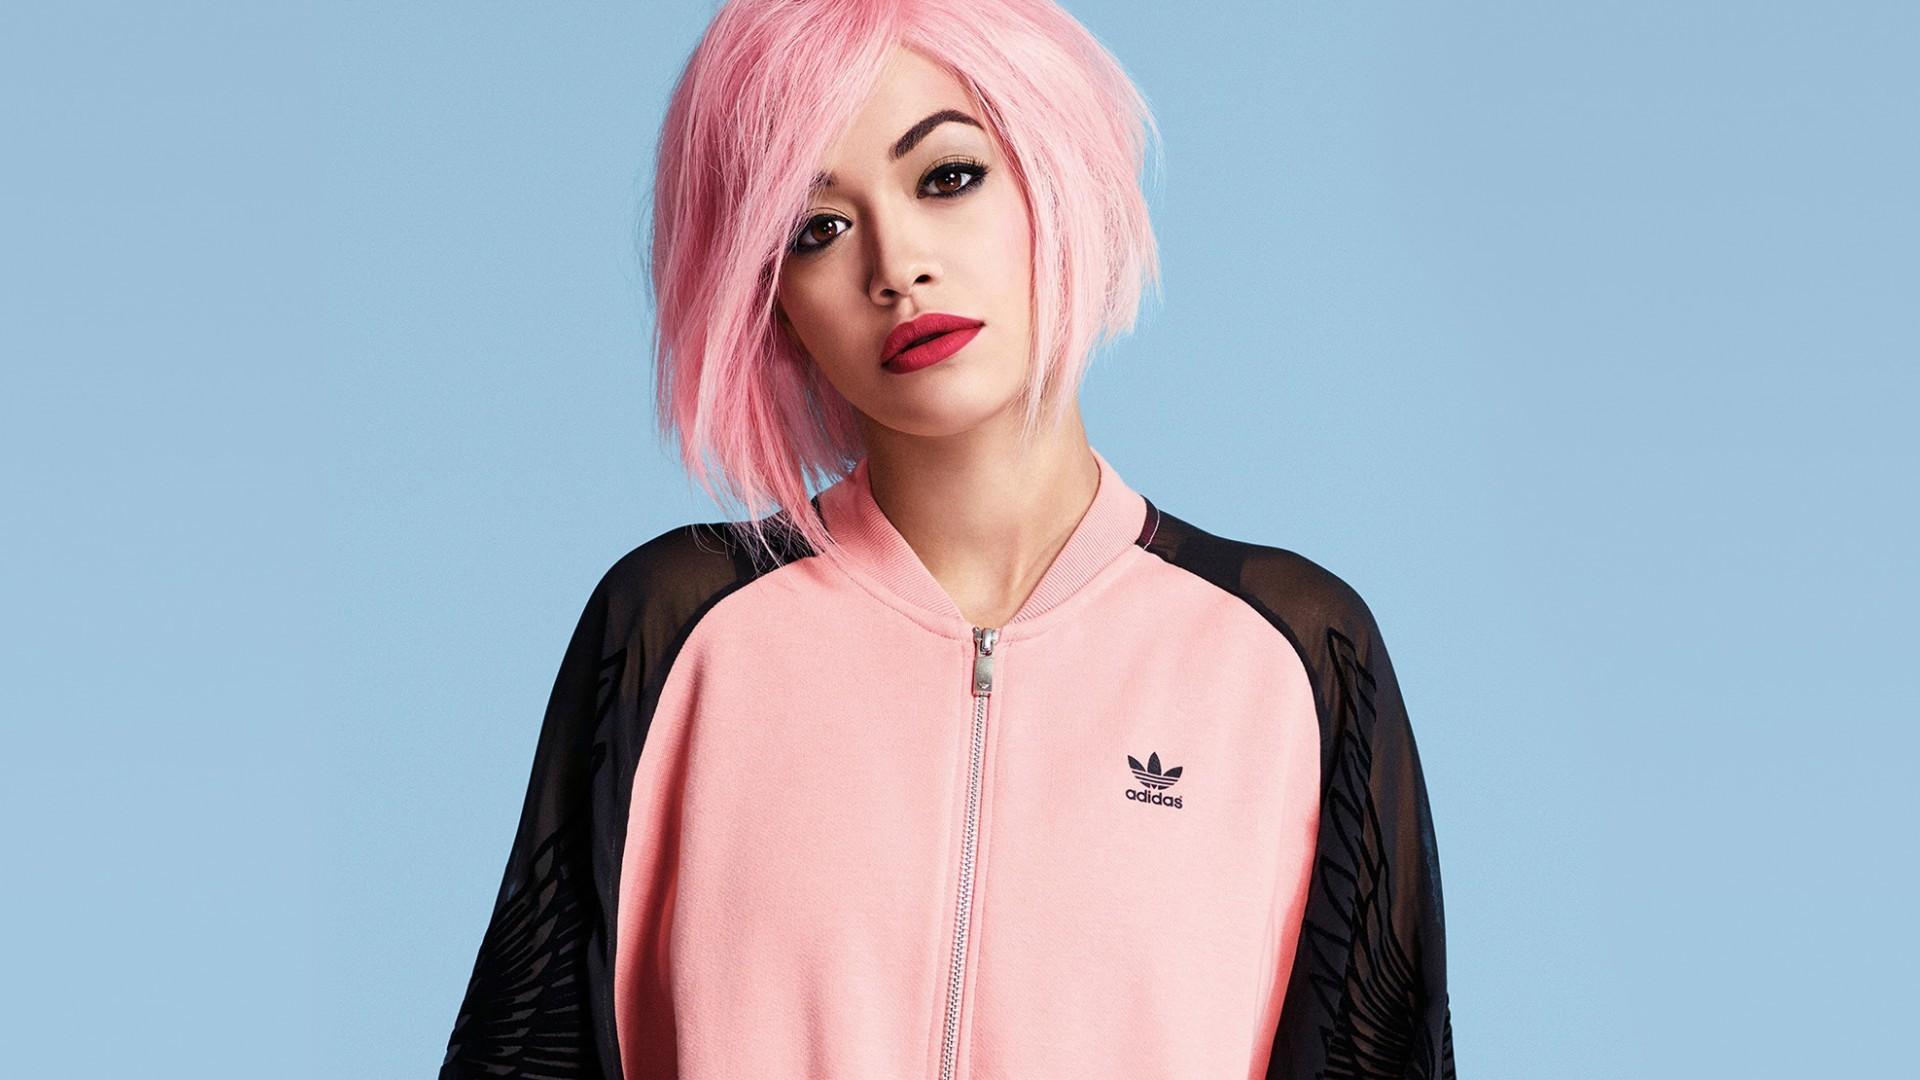 rita ora pink hair images wallpaper 64605